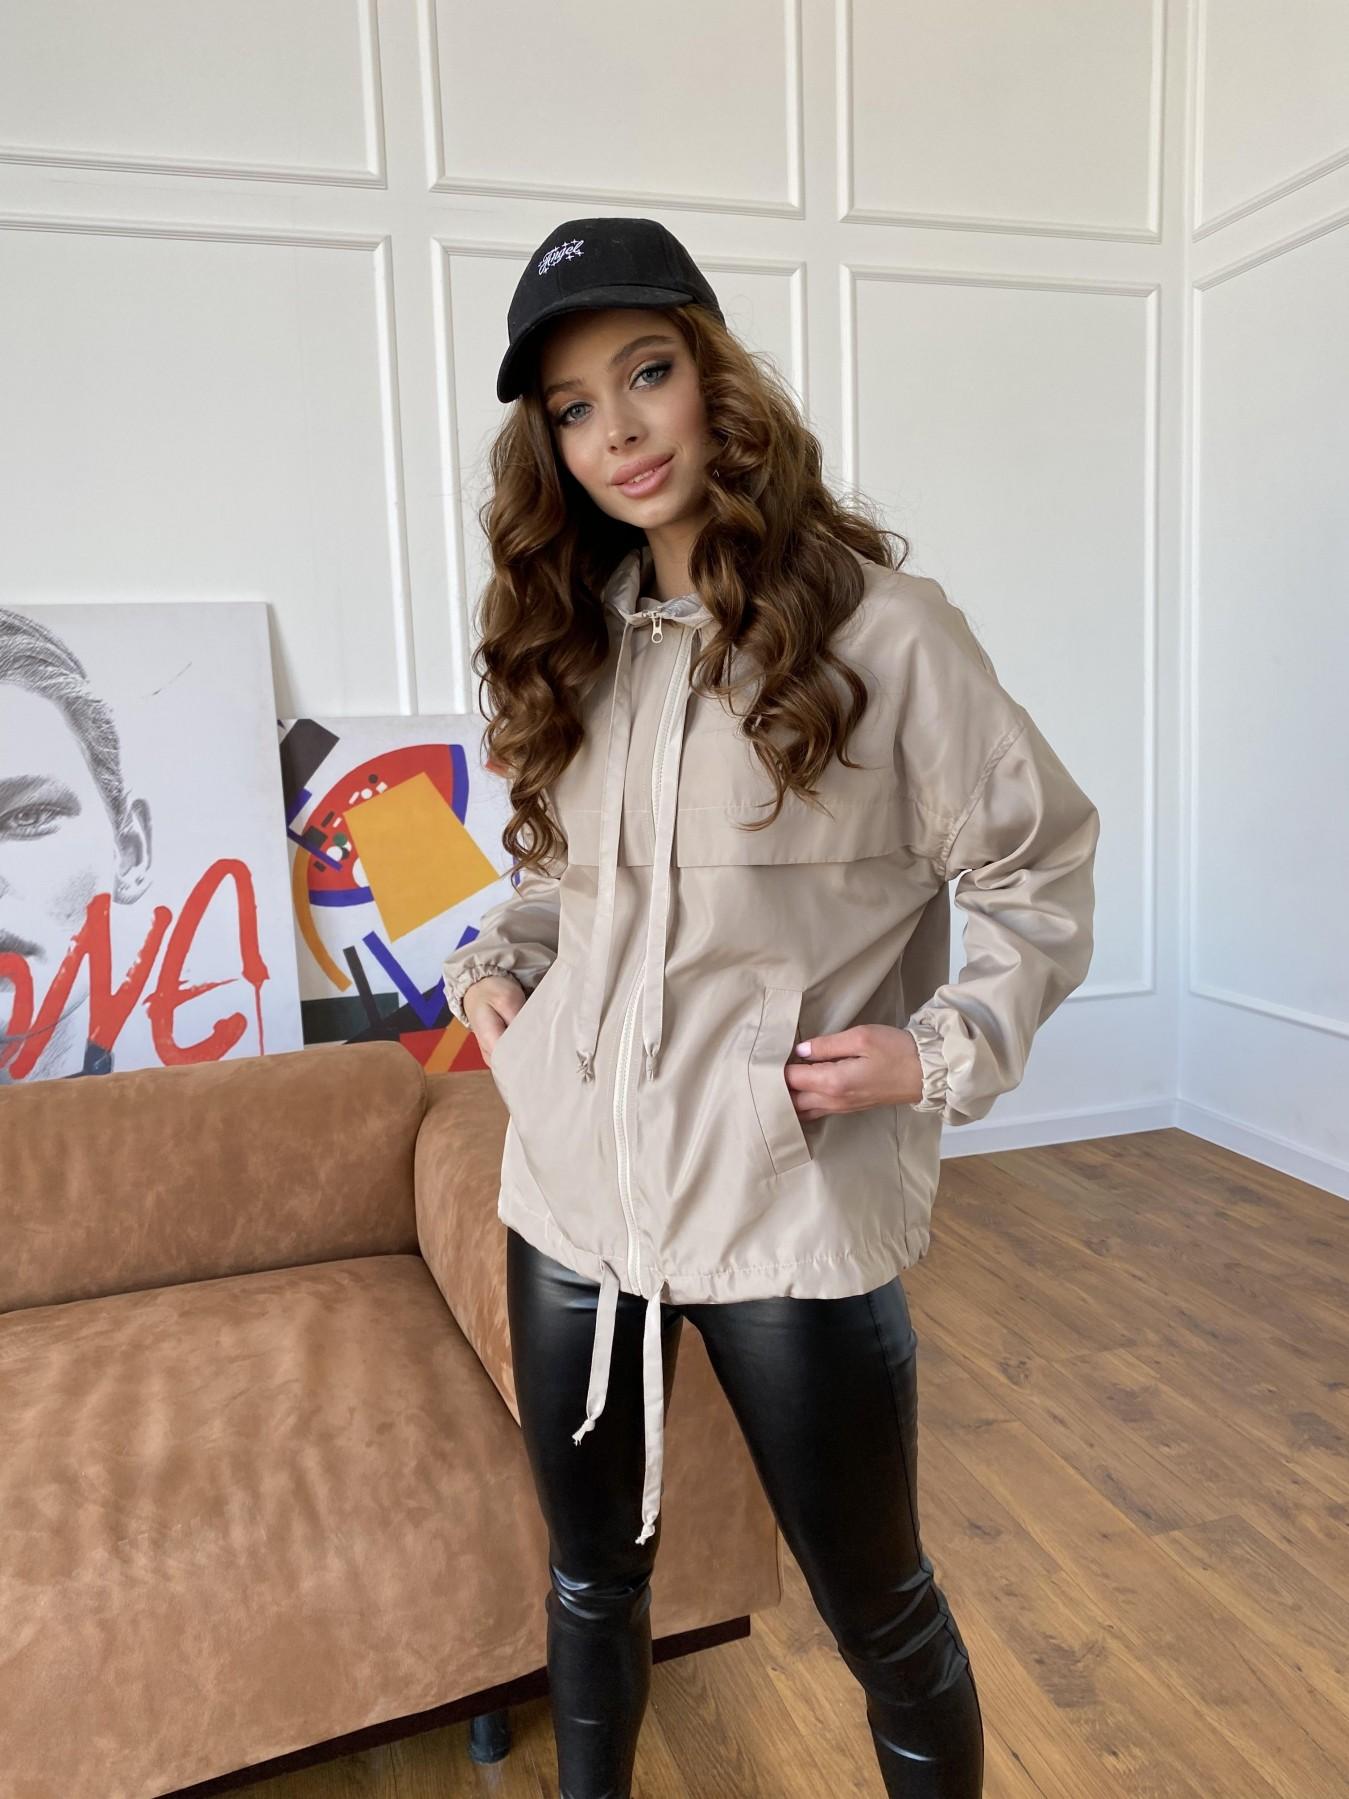 Фит куртка из плащевки Ammy 10971 АРТ. 47466 Цвет: Бежевый - фото 13, интернет магазин tm-modus.ru